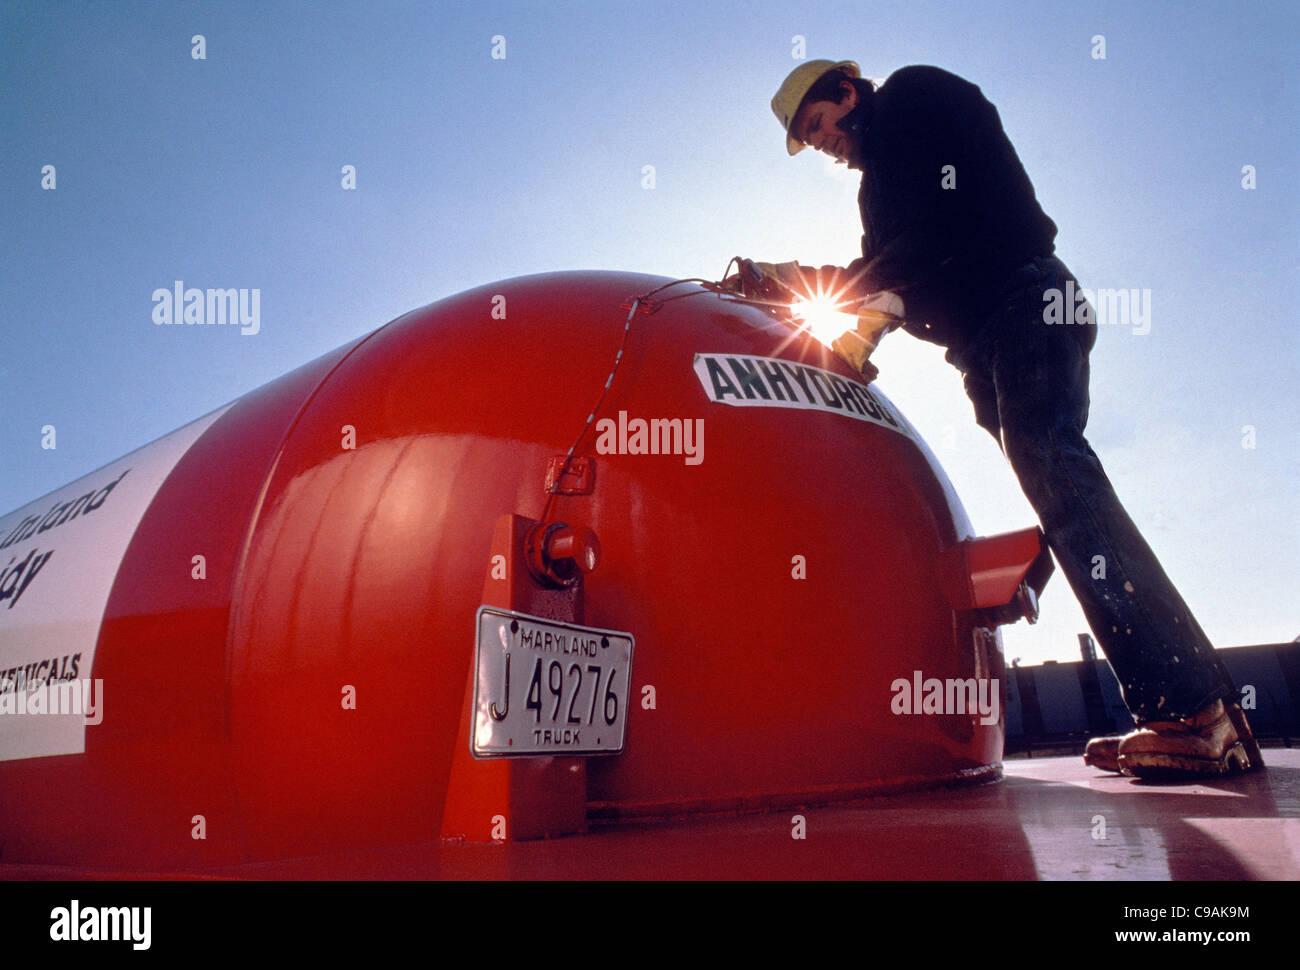 Trabajador en un distribuidor de disolventes, productos químicos y lubricantes Imagen De Stock